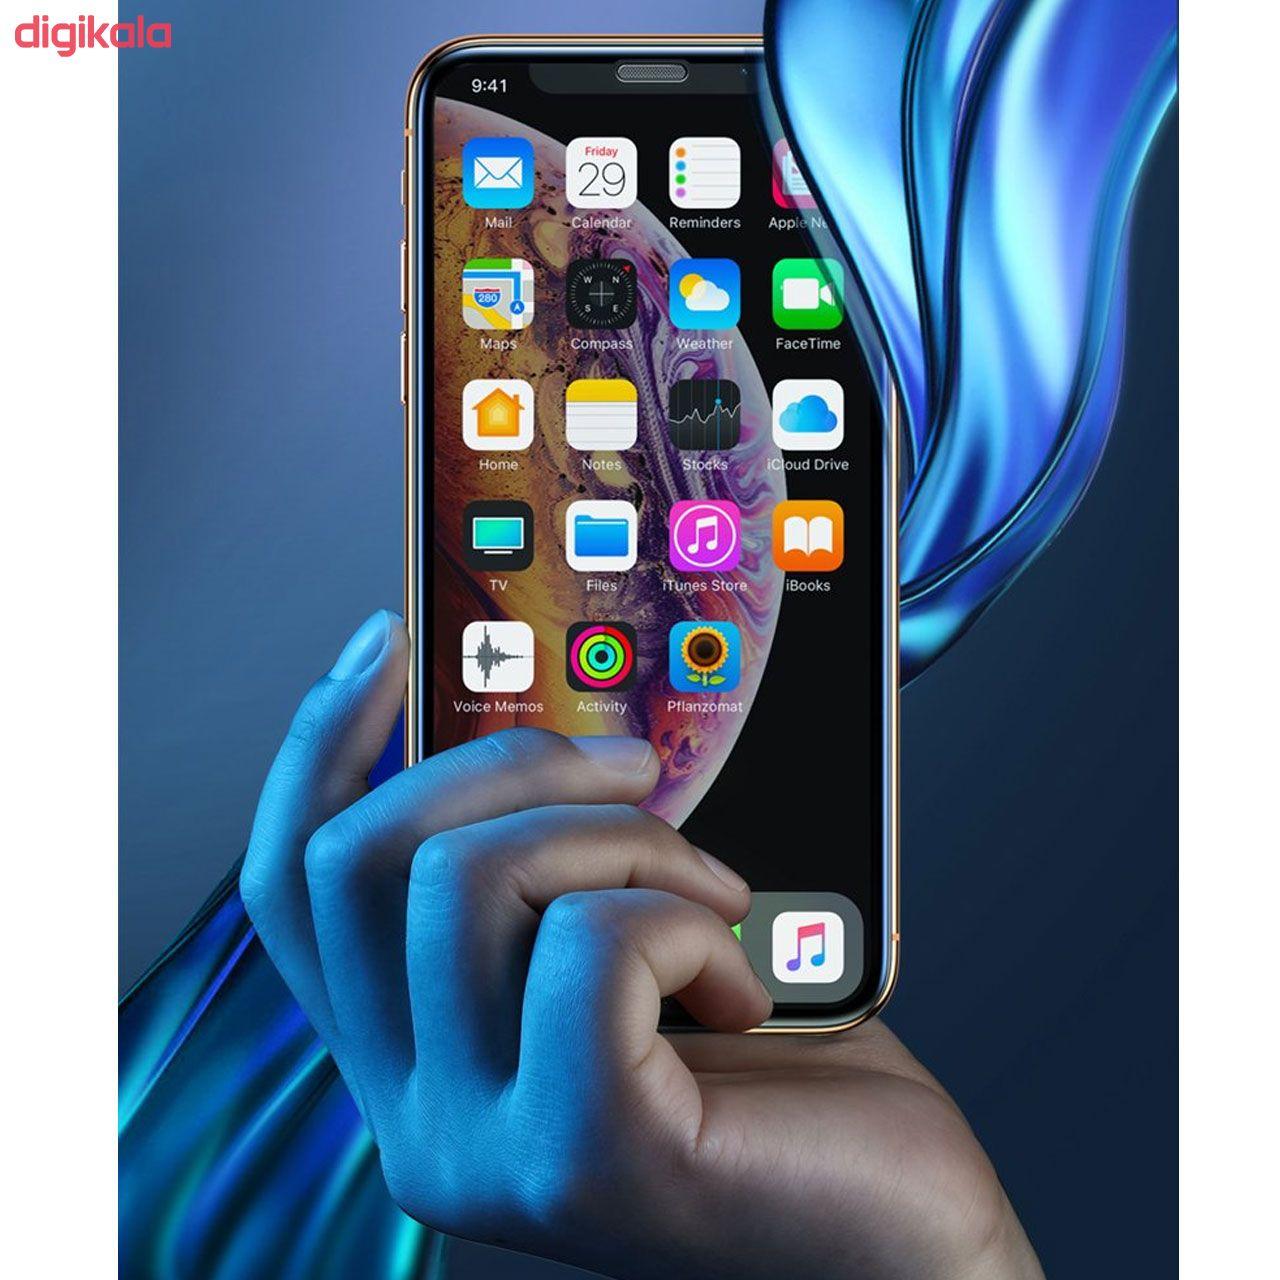 محافظ صفحه نمایش مدل FCG مناسب برای گوشی موبایل اپل iPhone 12 Pro Max بسته دو عددی main 1 11